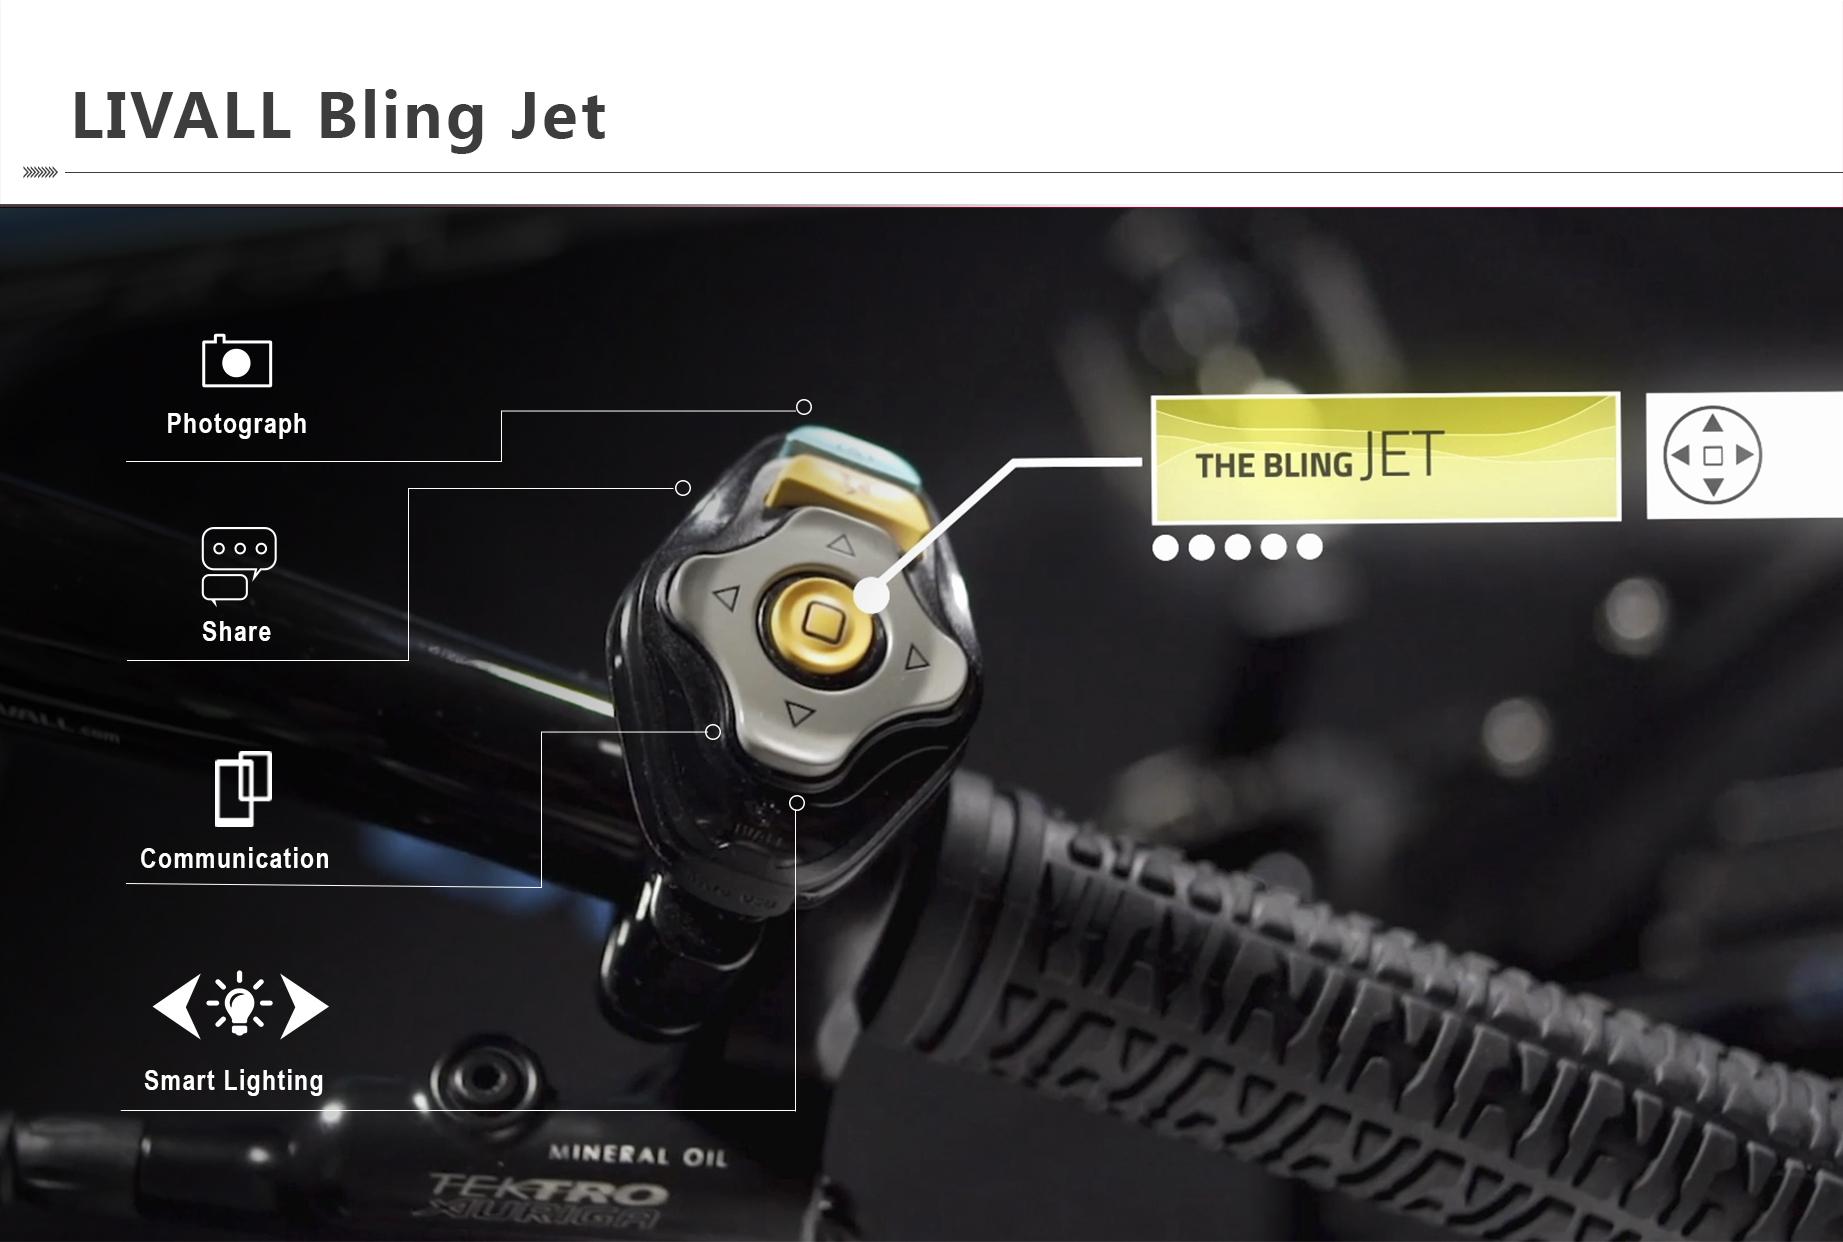 LIVALL-Bling-Jet